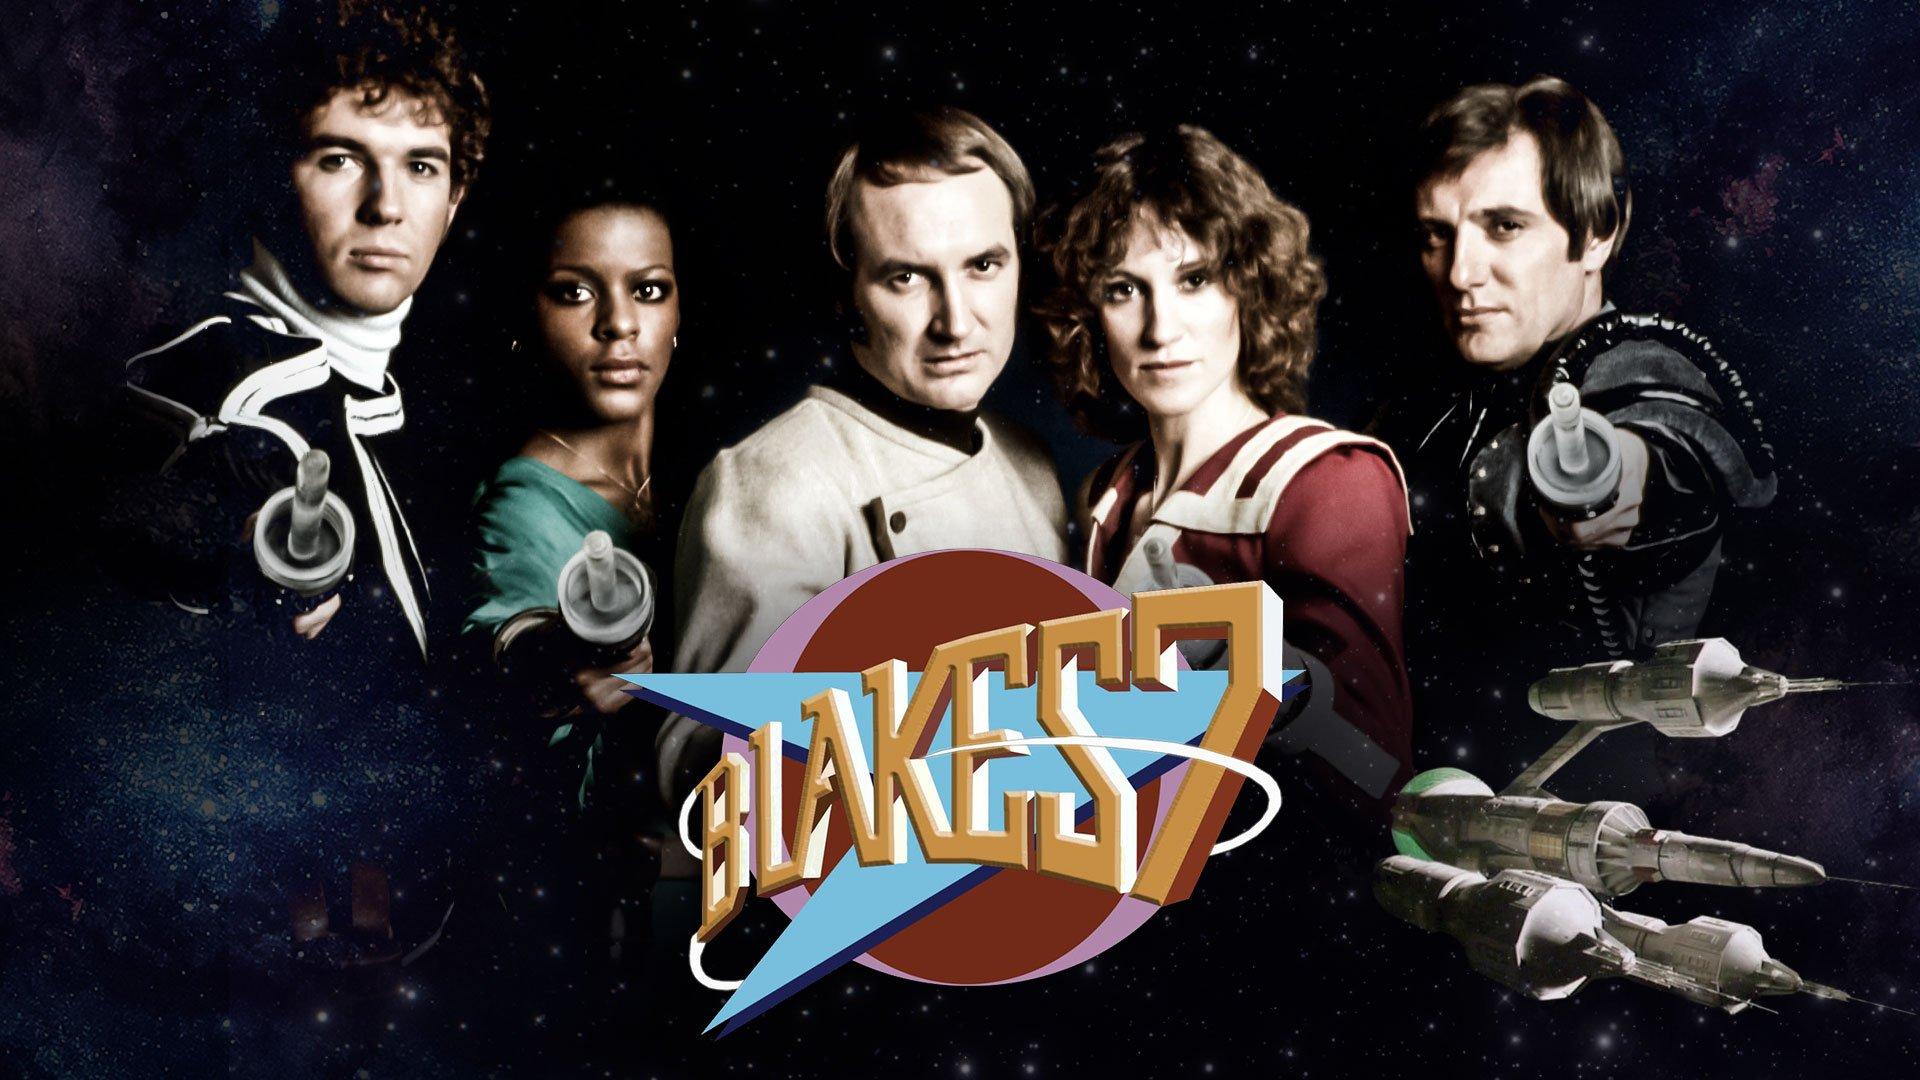 Blake's 7 on BritBox UK